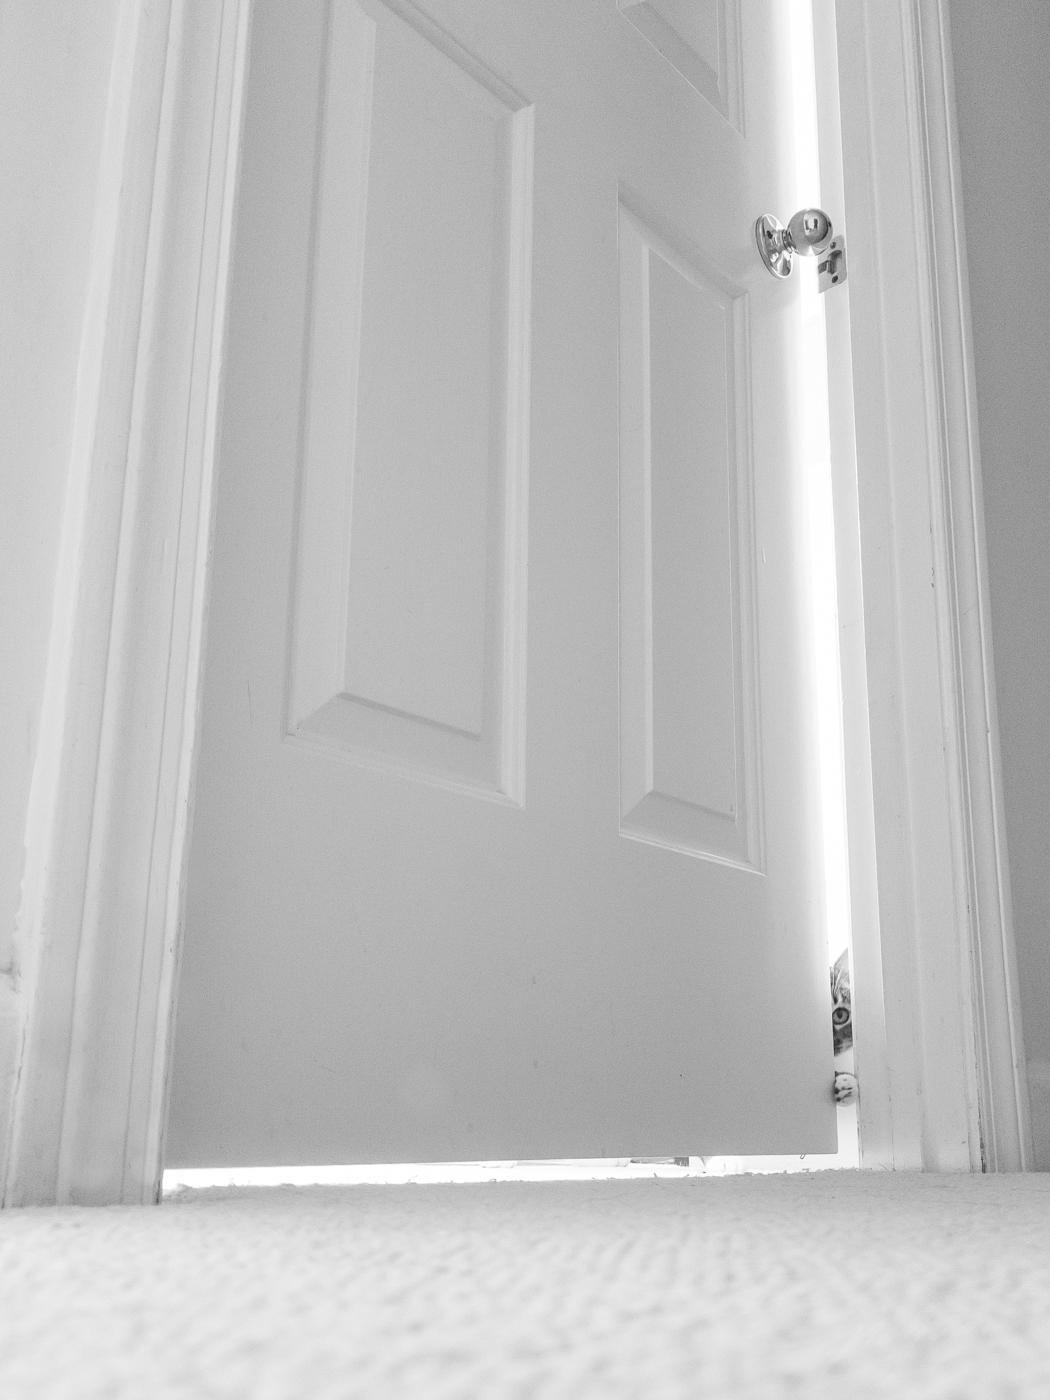 180428_Mocha_Room_Door_090217.jpg